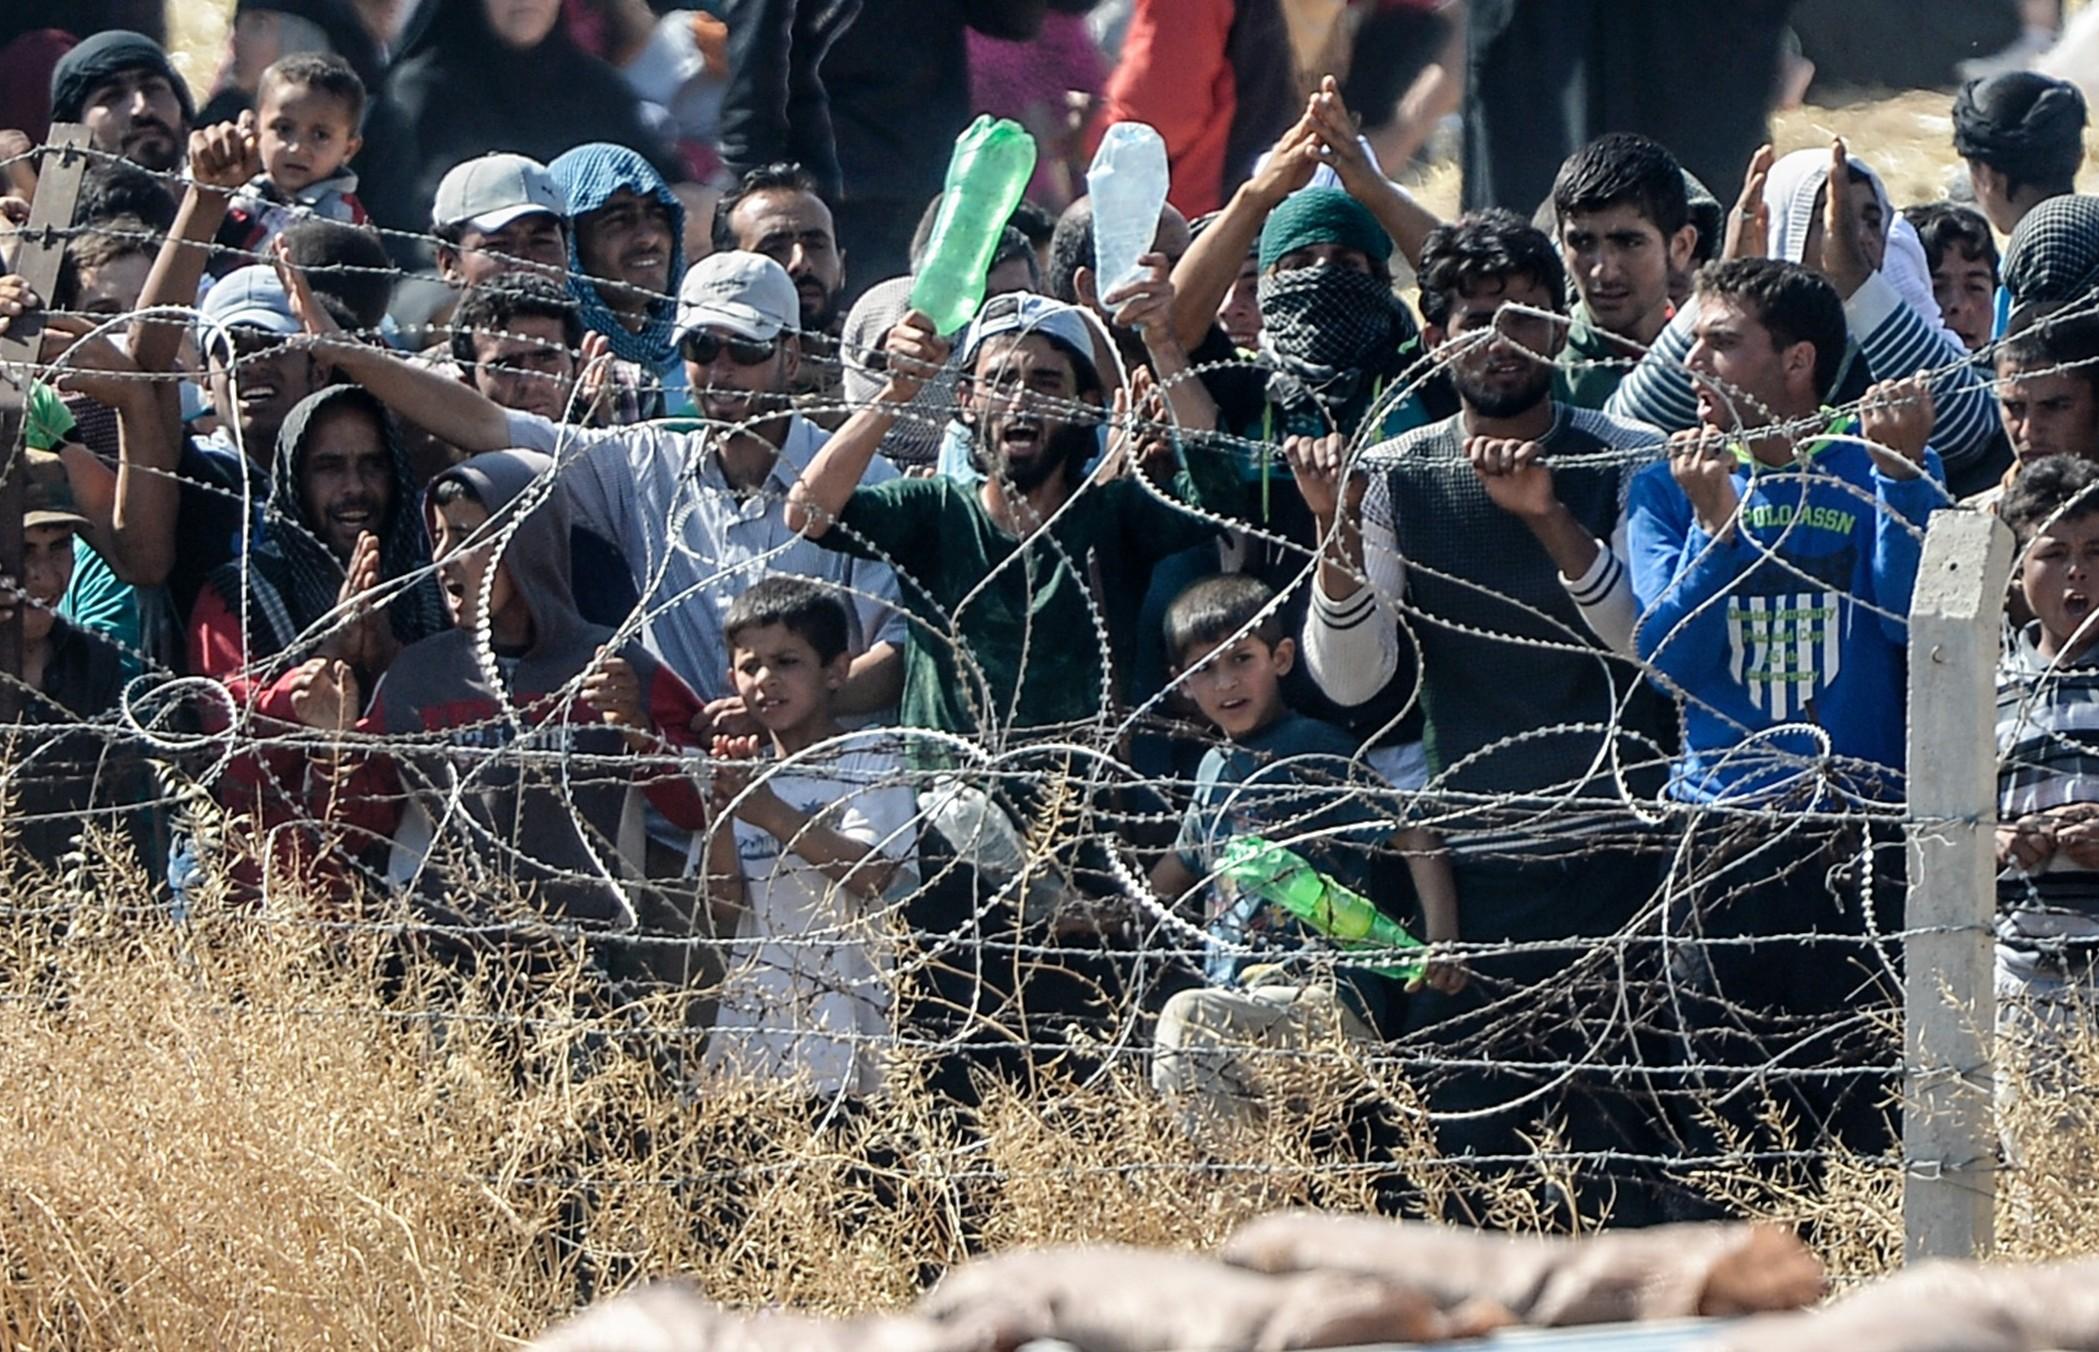 Menschenrechtler: Ankara verweigert syrischen Flüchtlingen Einreise und Versorgung